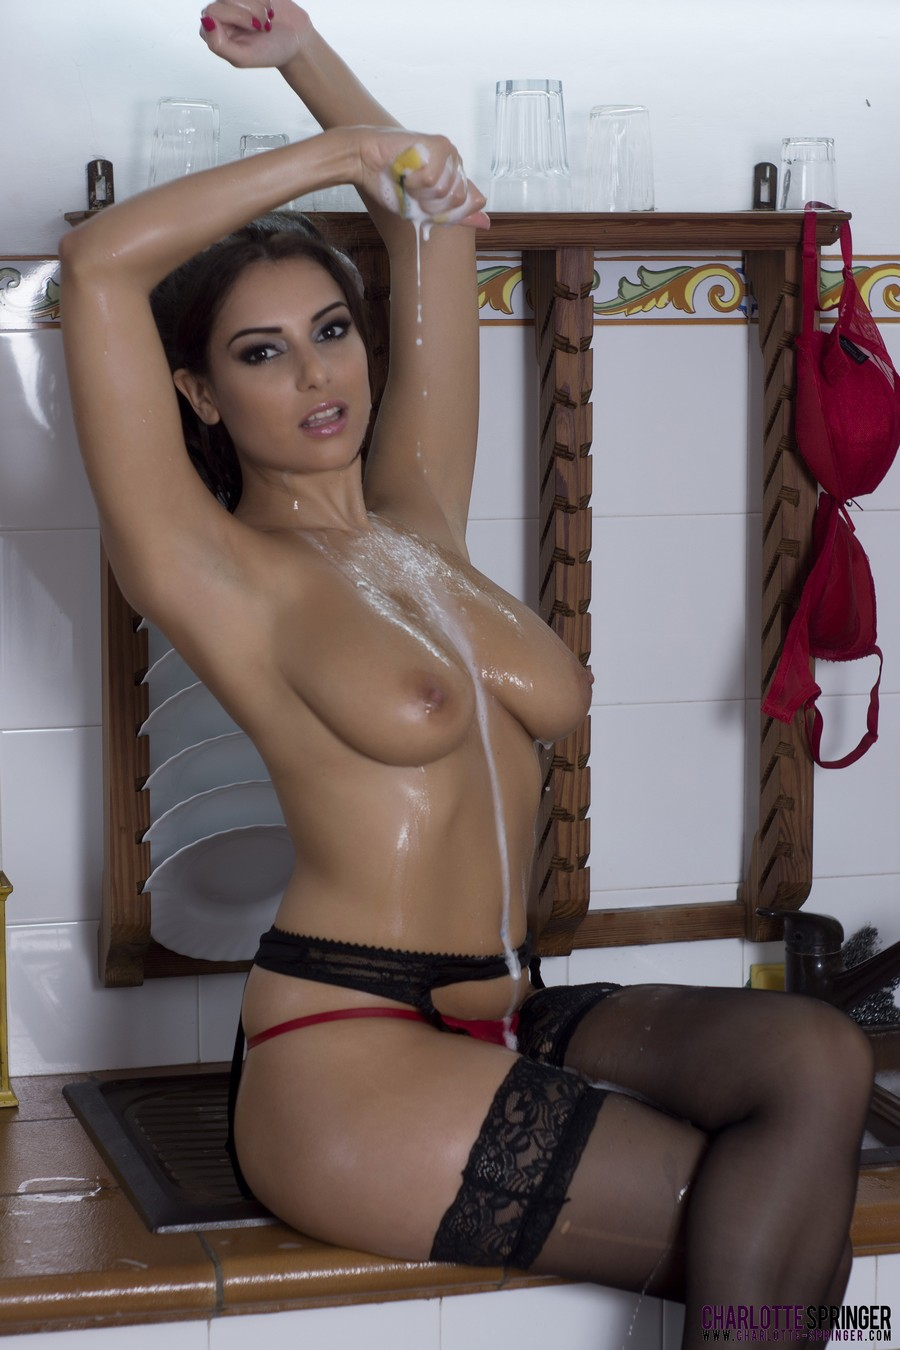 fotos-sexy-morena-de-luxo-brinca-com-sabao-na-cozinha-em-lingerie-rosa-13